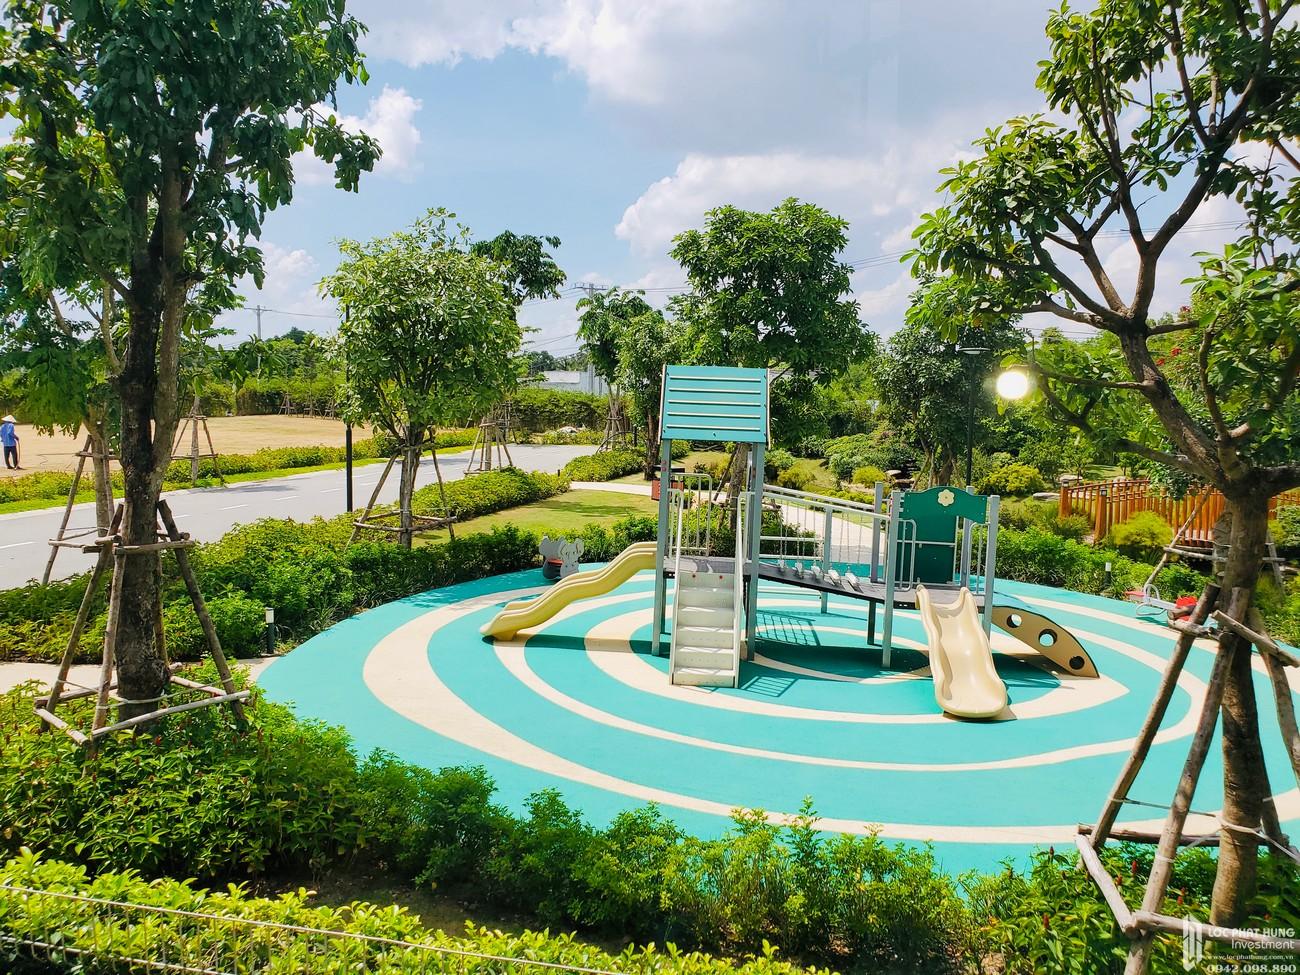 Nhà mẫu Biệt thự đơn lập dự án Waterpoint Long An Đường Tỉnh lộ 830 chủ đầu tư Nam Long